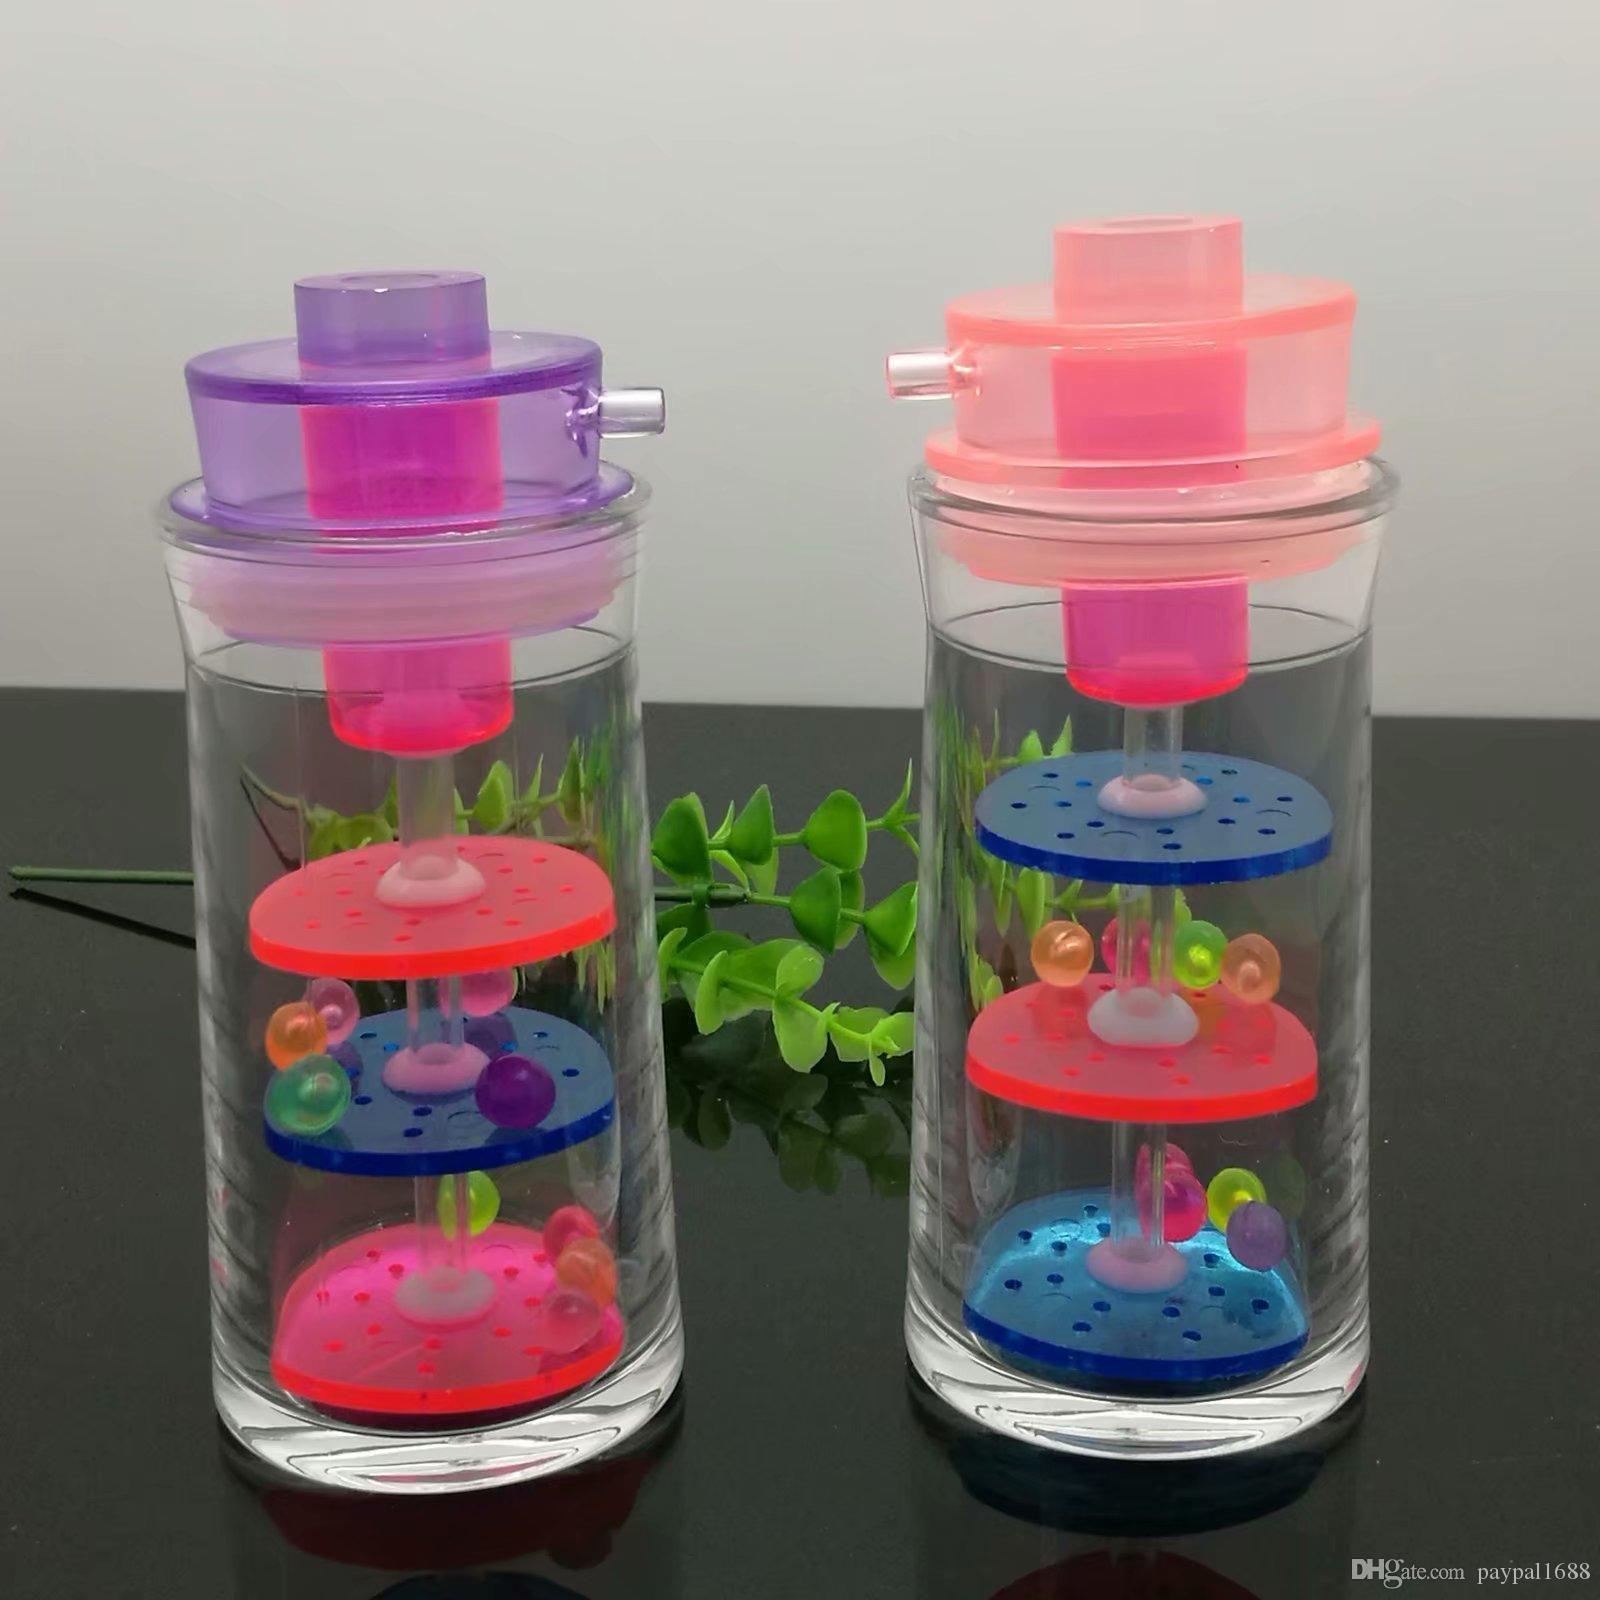 Acryl Dreischichtfilter Schnupftabakflasche Glasbongs Ölbrenner Glas Wasser-Rohre Bohrinseln Raucher Kostenlose